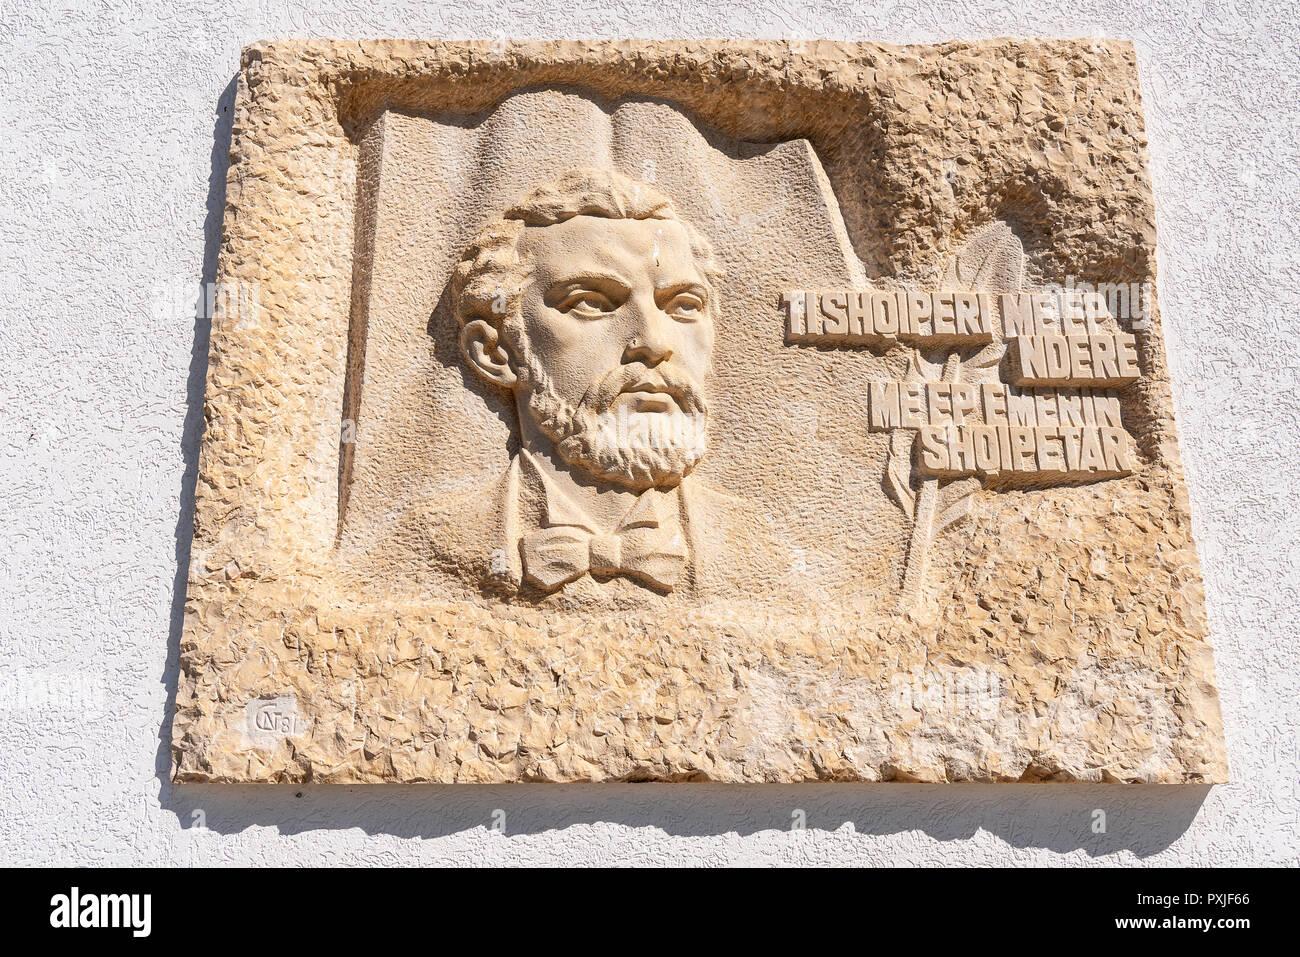 Museo Etnológico, El Museo de las tradiciones, Saranda, Albania Imagen De Stock